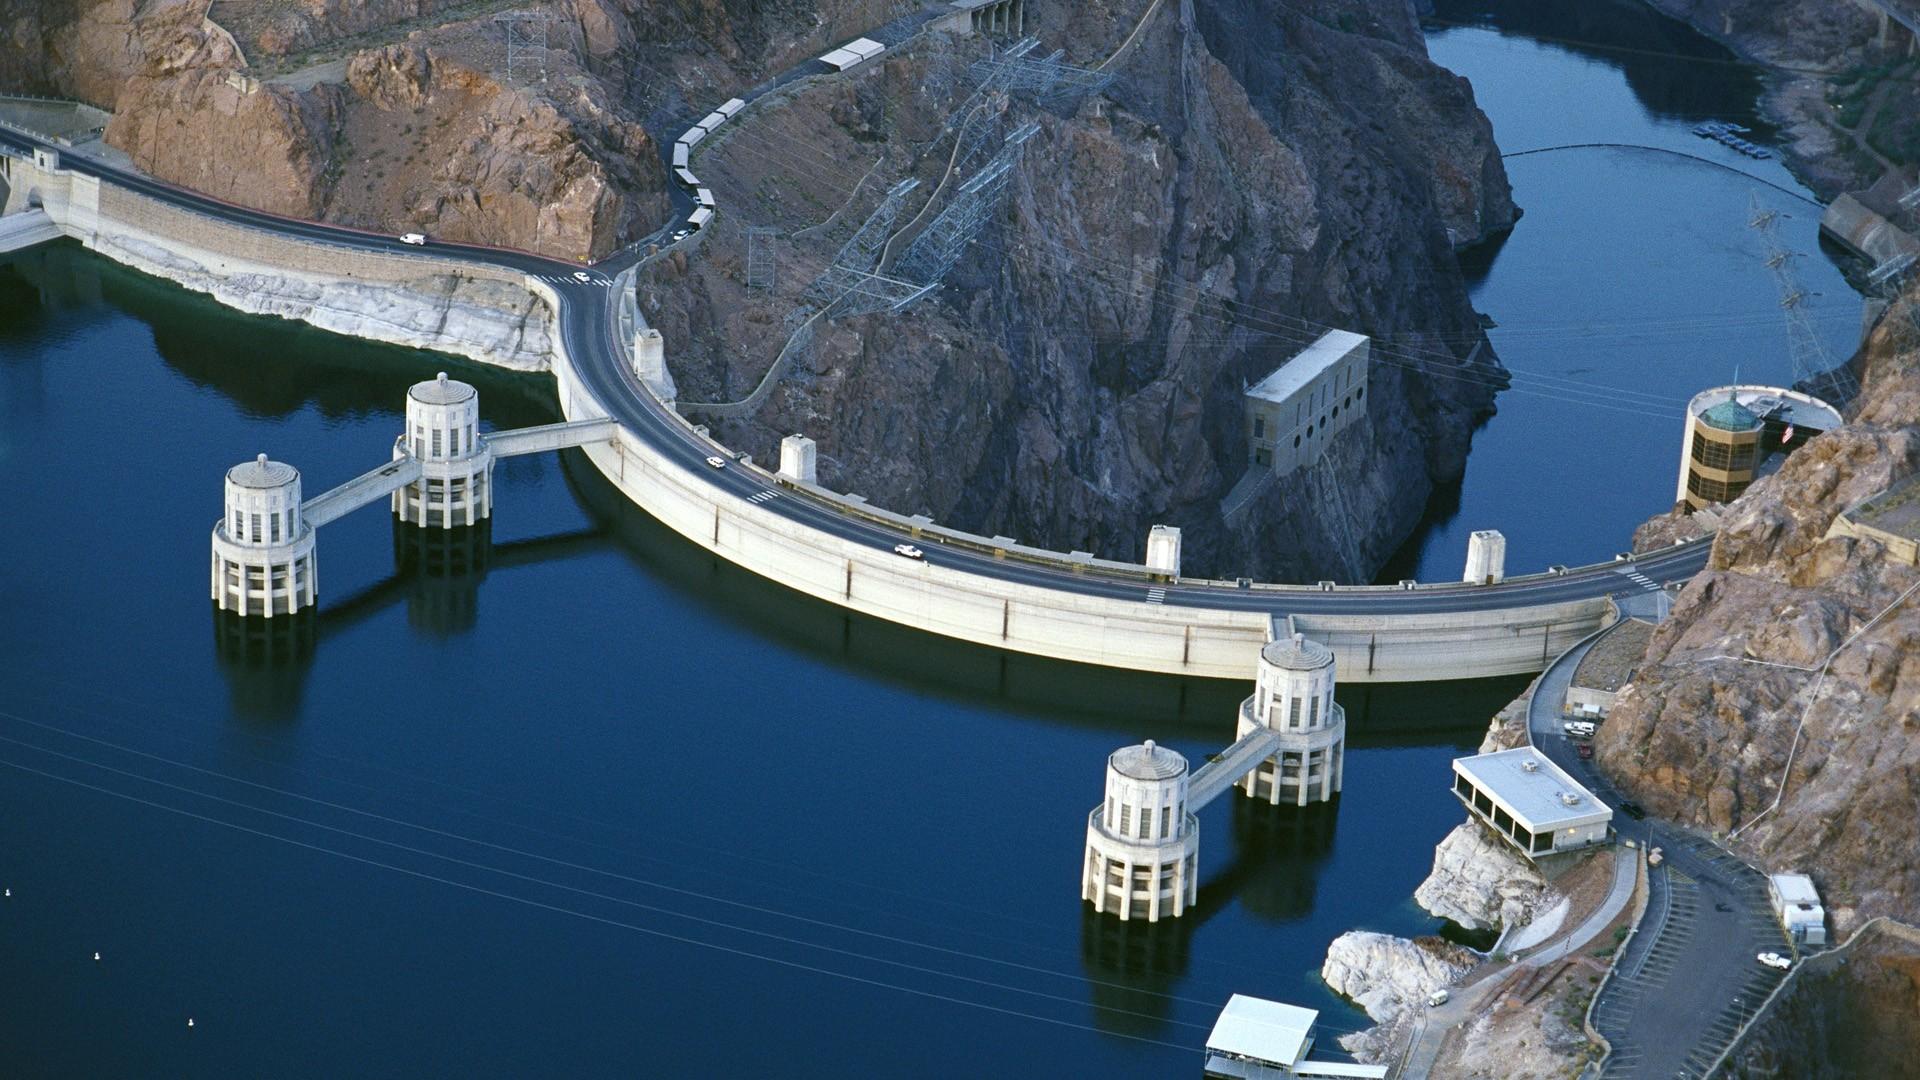 Đạp thủy điện Hoover Dam